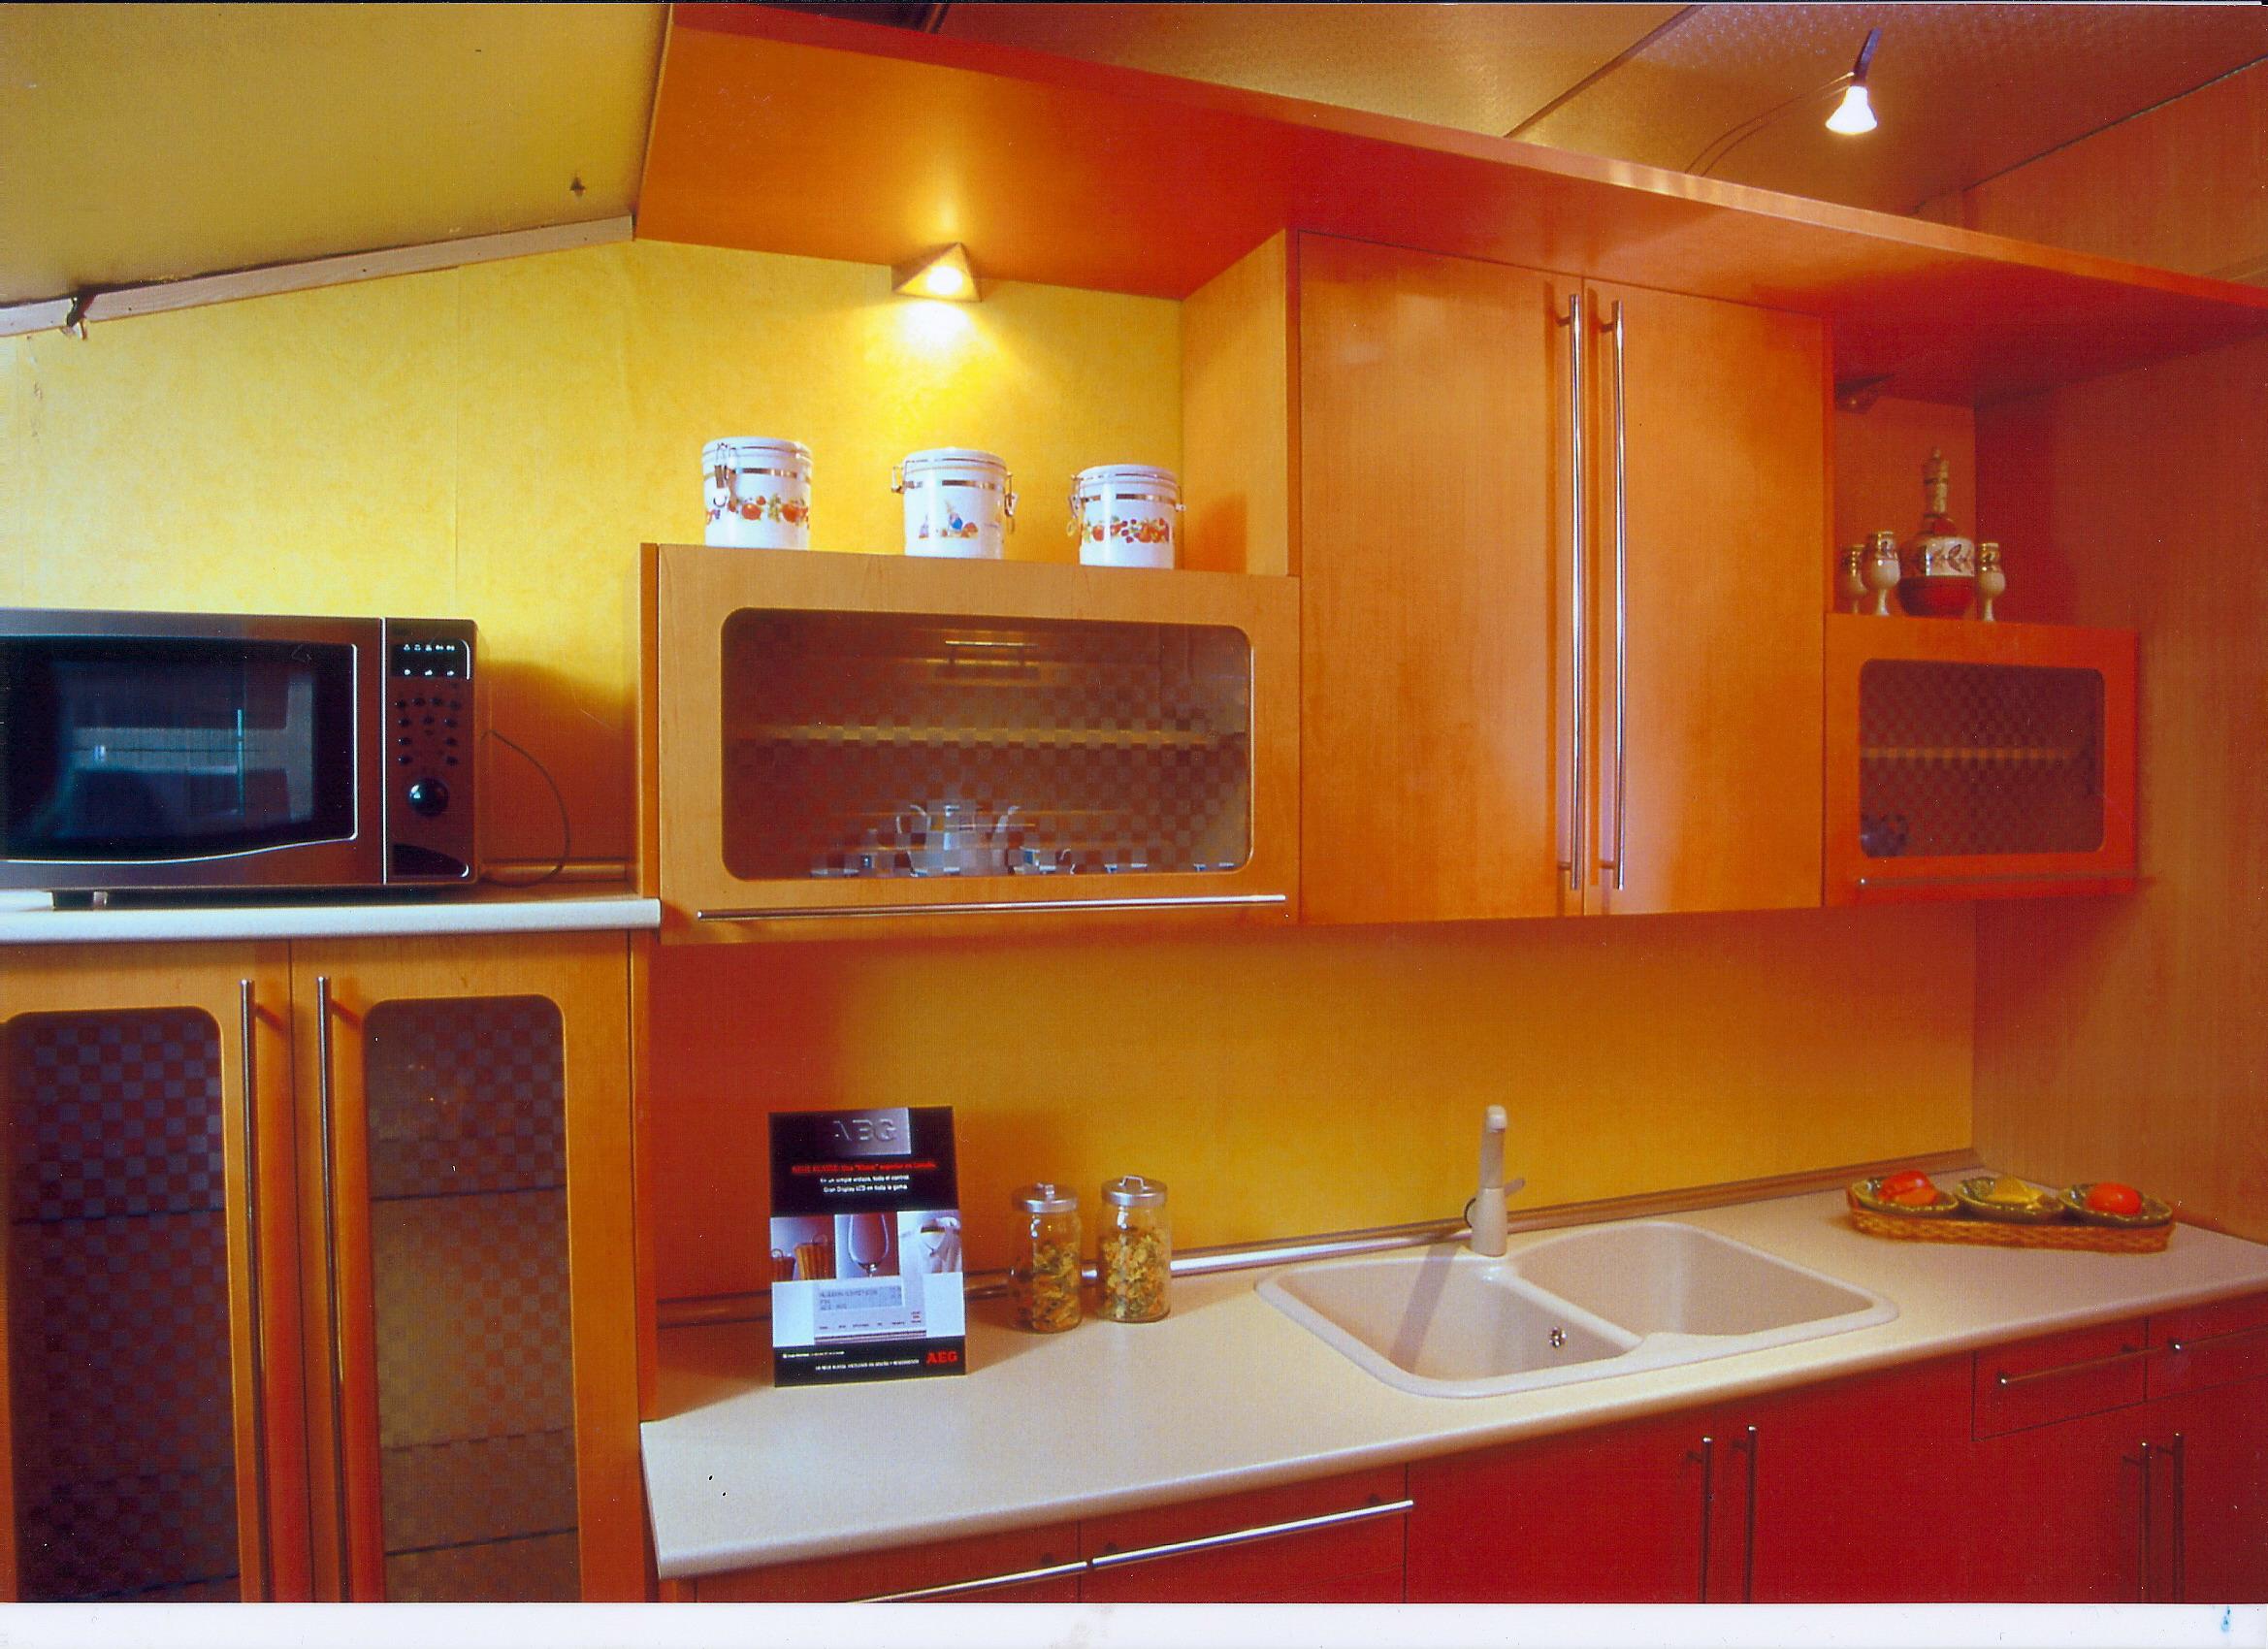 Muebles valdecocina ofertas cocinas for Oferta muebles cocina